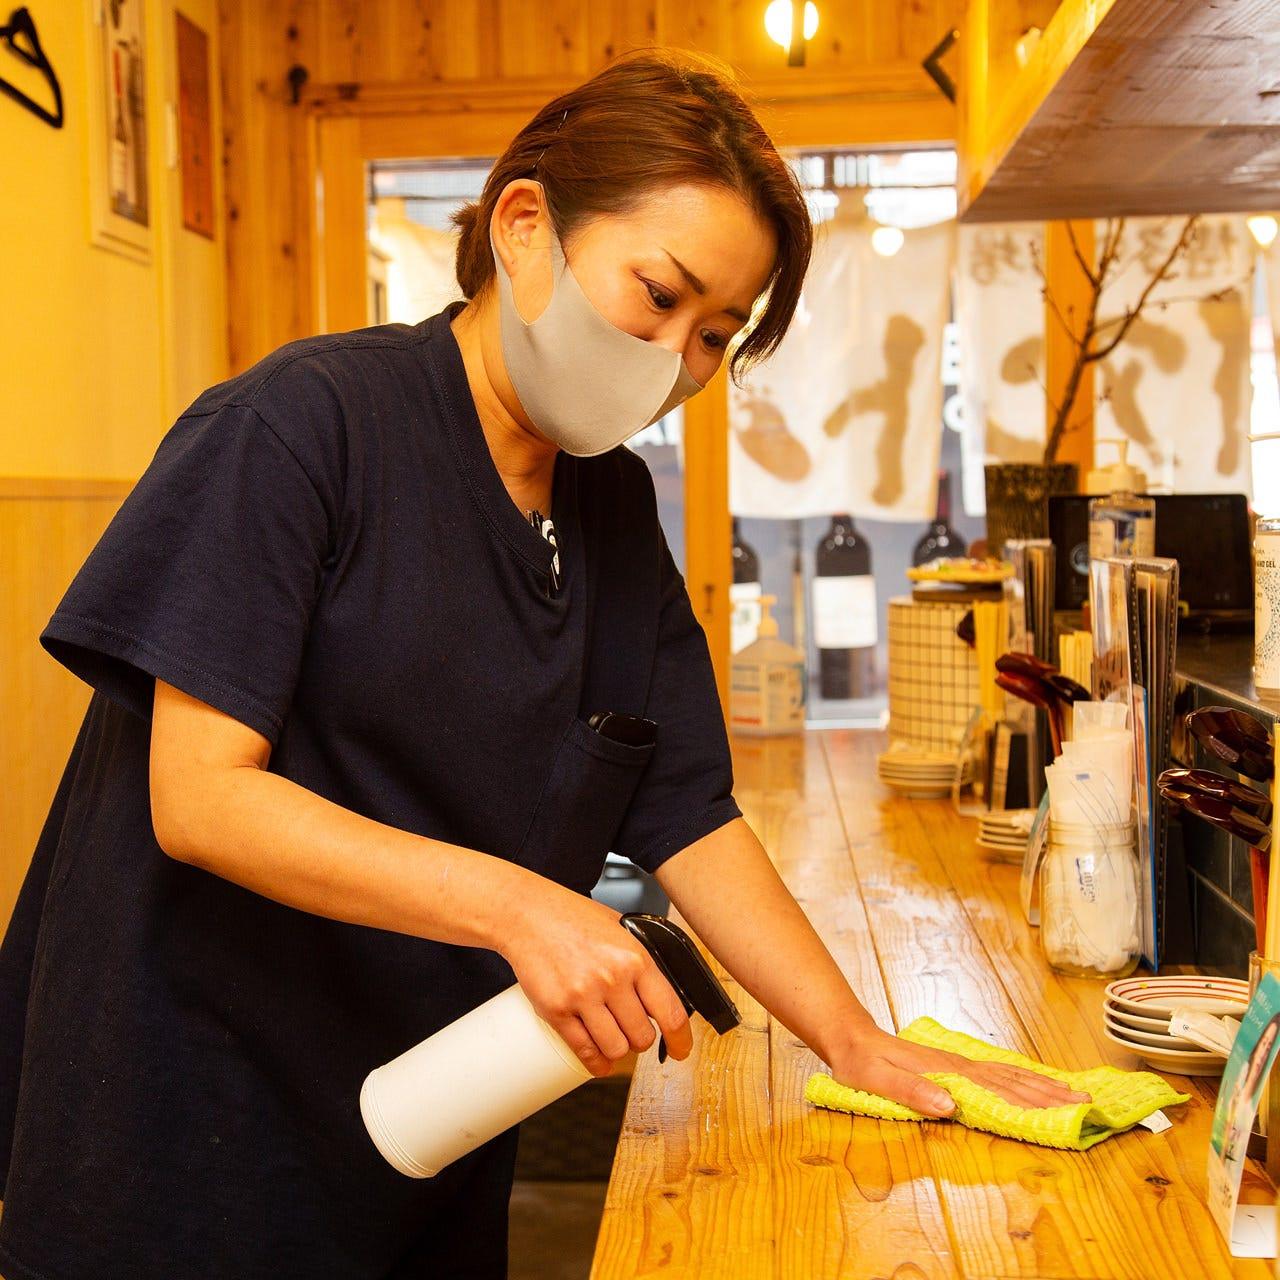 テーブルや共有部分の掃除・消毒を徹底し換気も常時行っています